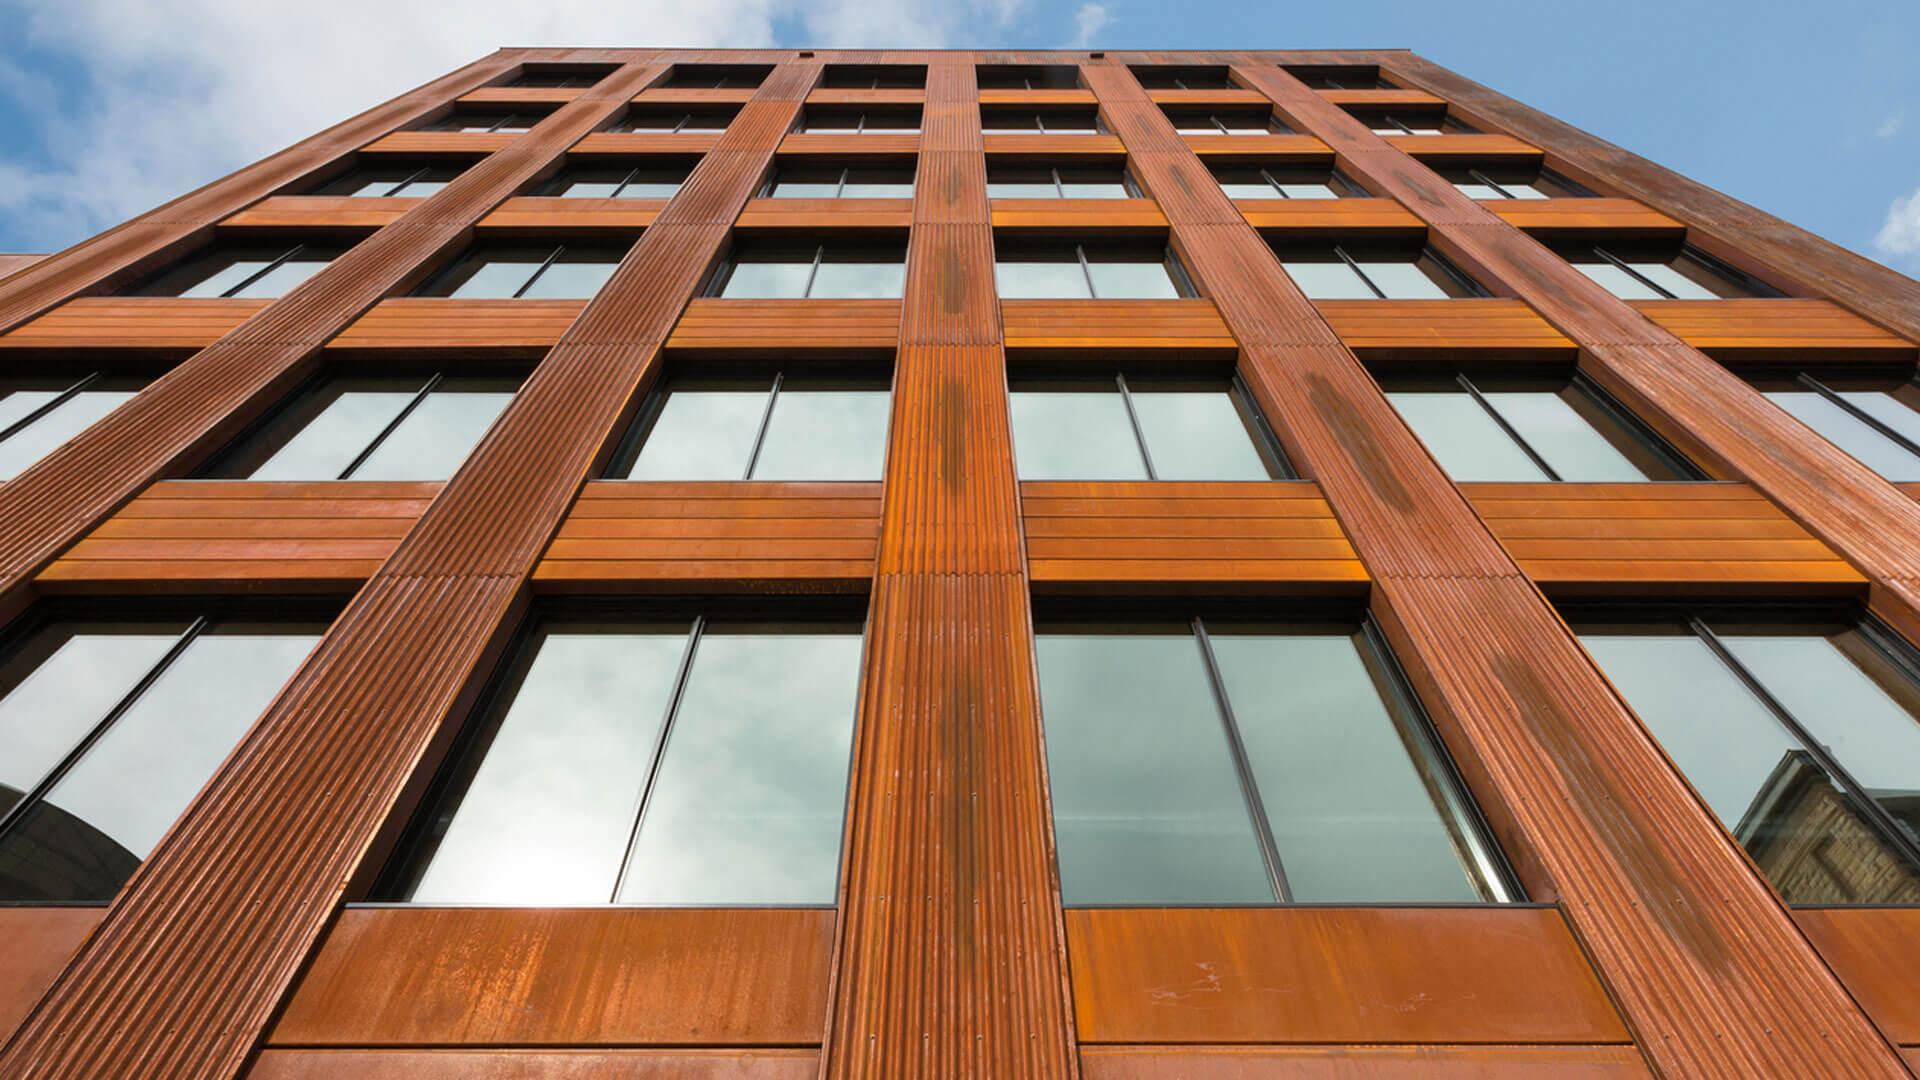 prédio de madeira, vista de cima para baixo